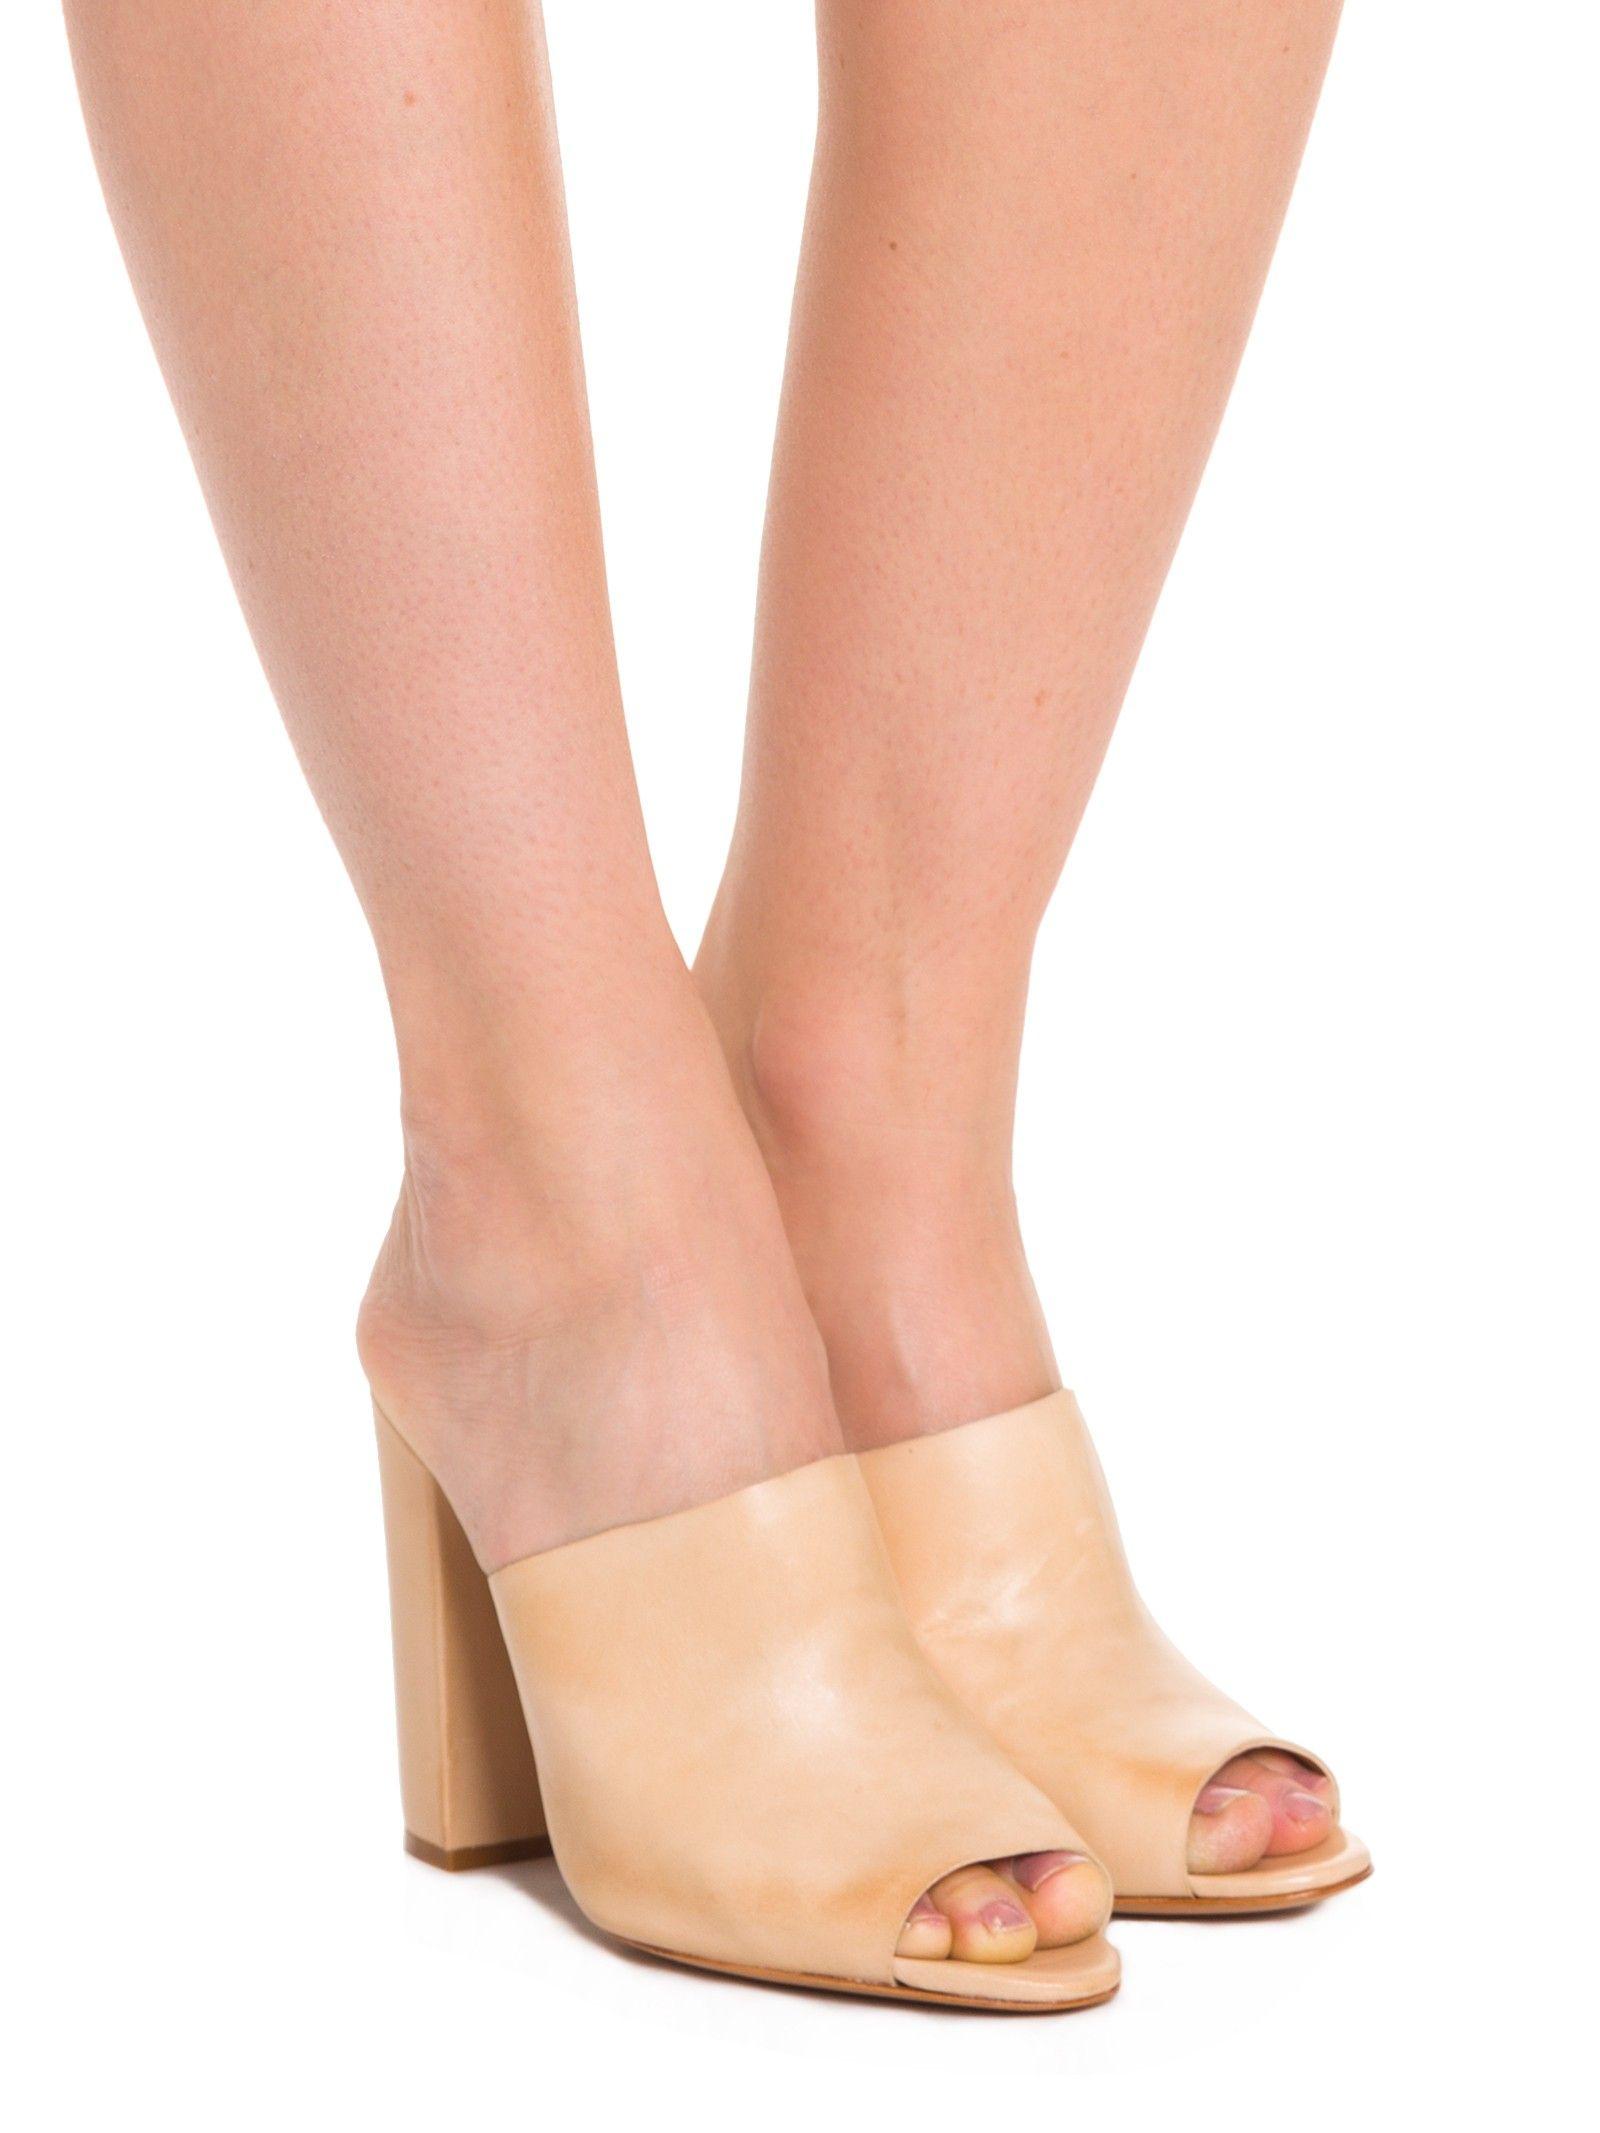 Sandália Salto Alto Atanado Soft - Schutz - Nude - Shop2gether